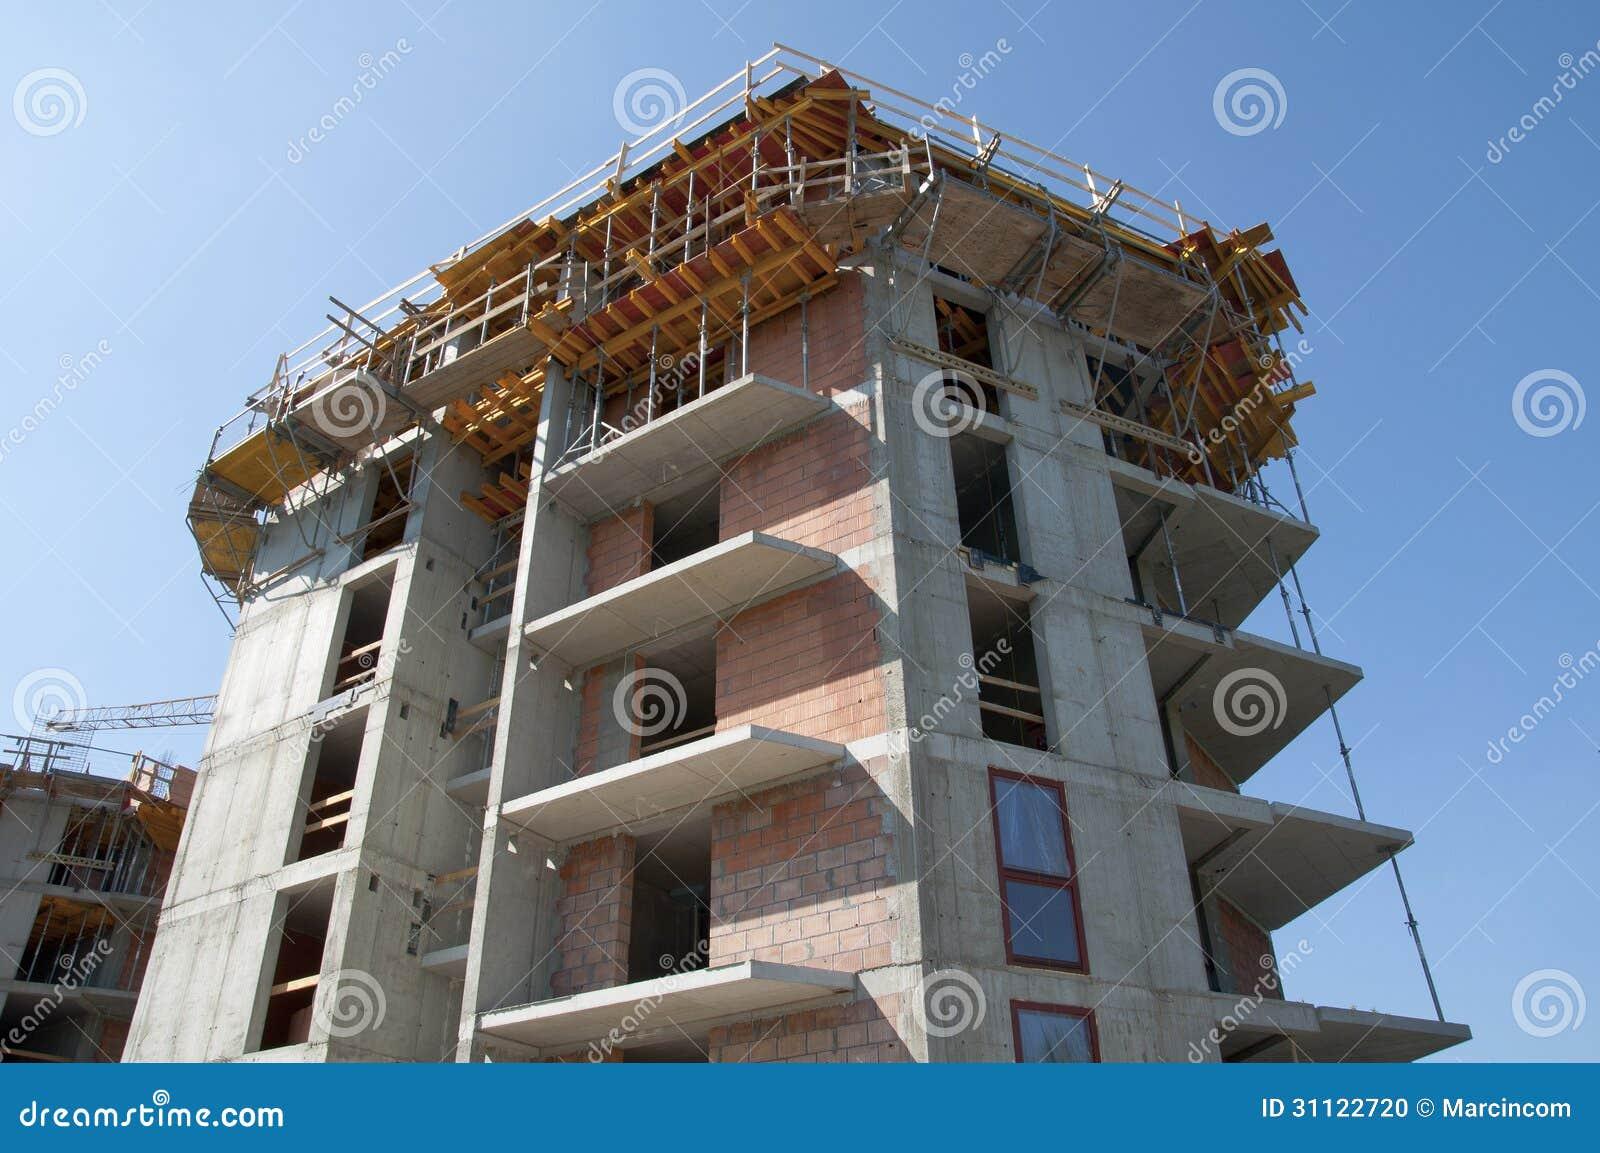 Construcci n del edificio construcci n de una casa foto de archivo imagen de ladrillo - Construccion de una casa ...